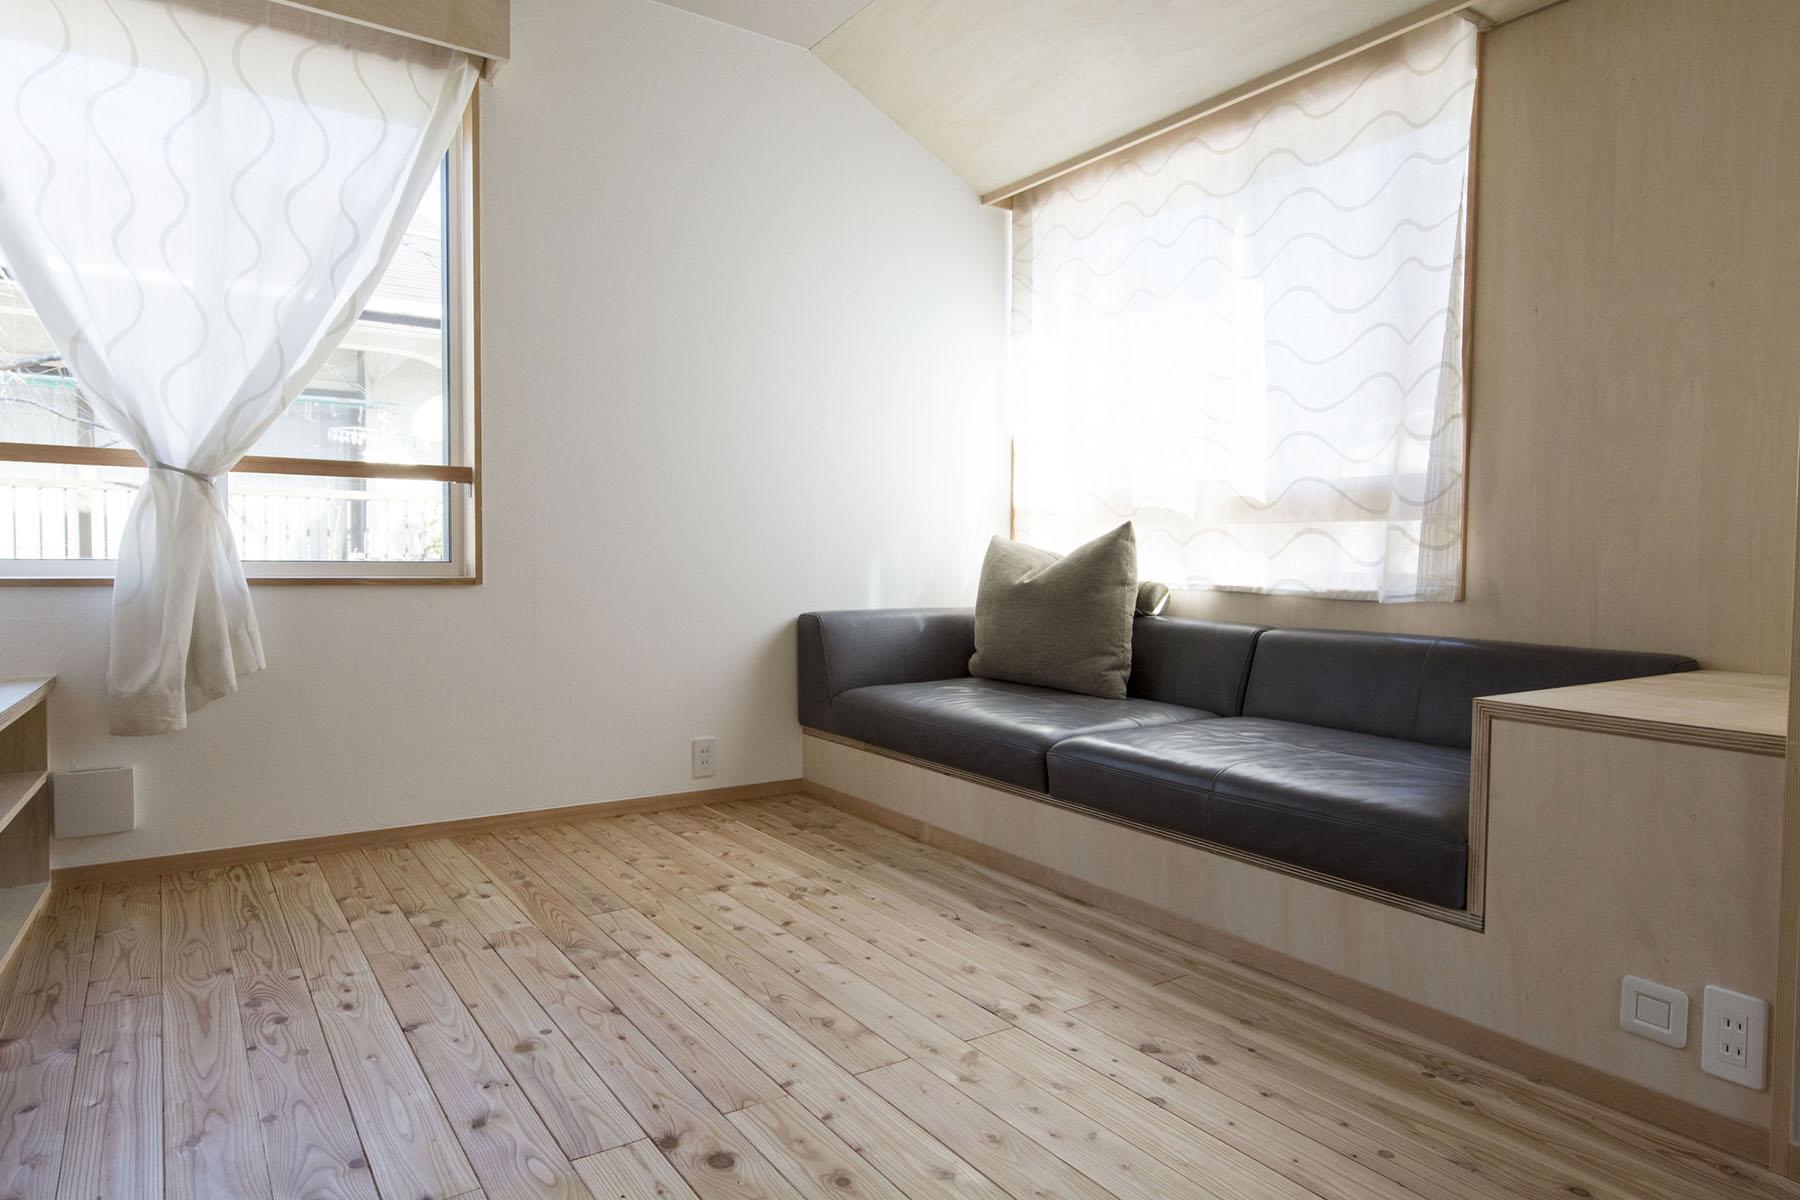 狭小住宅の造り付けソファ/KOKOROISHIソファのお客様の声